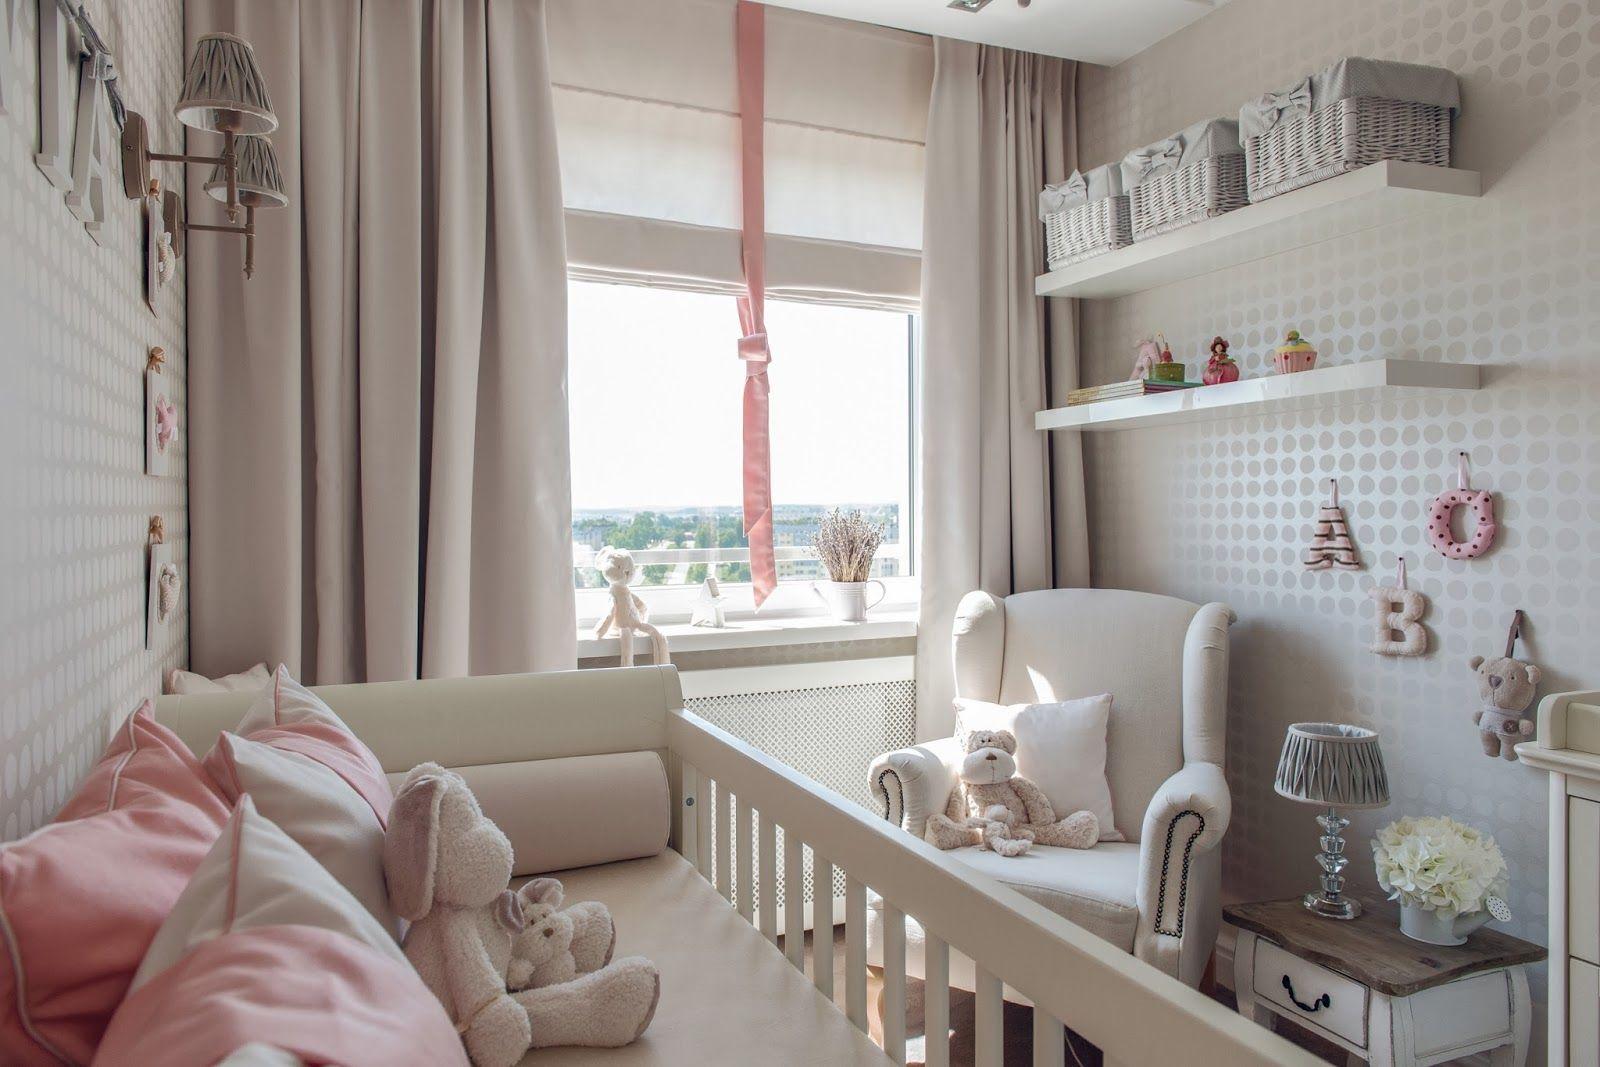 Apartamento Com DecoraçãO Clean, Requintada E Com Toques De Amarelo